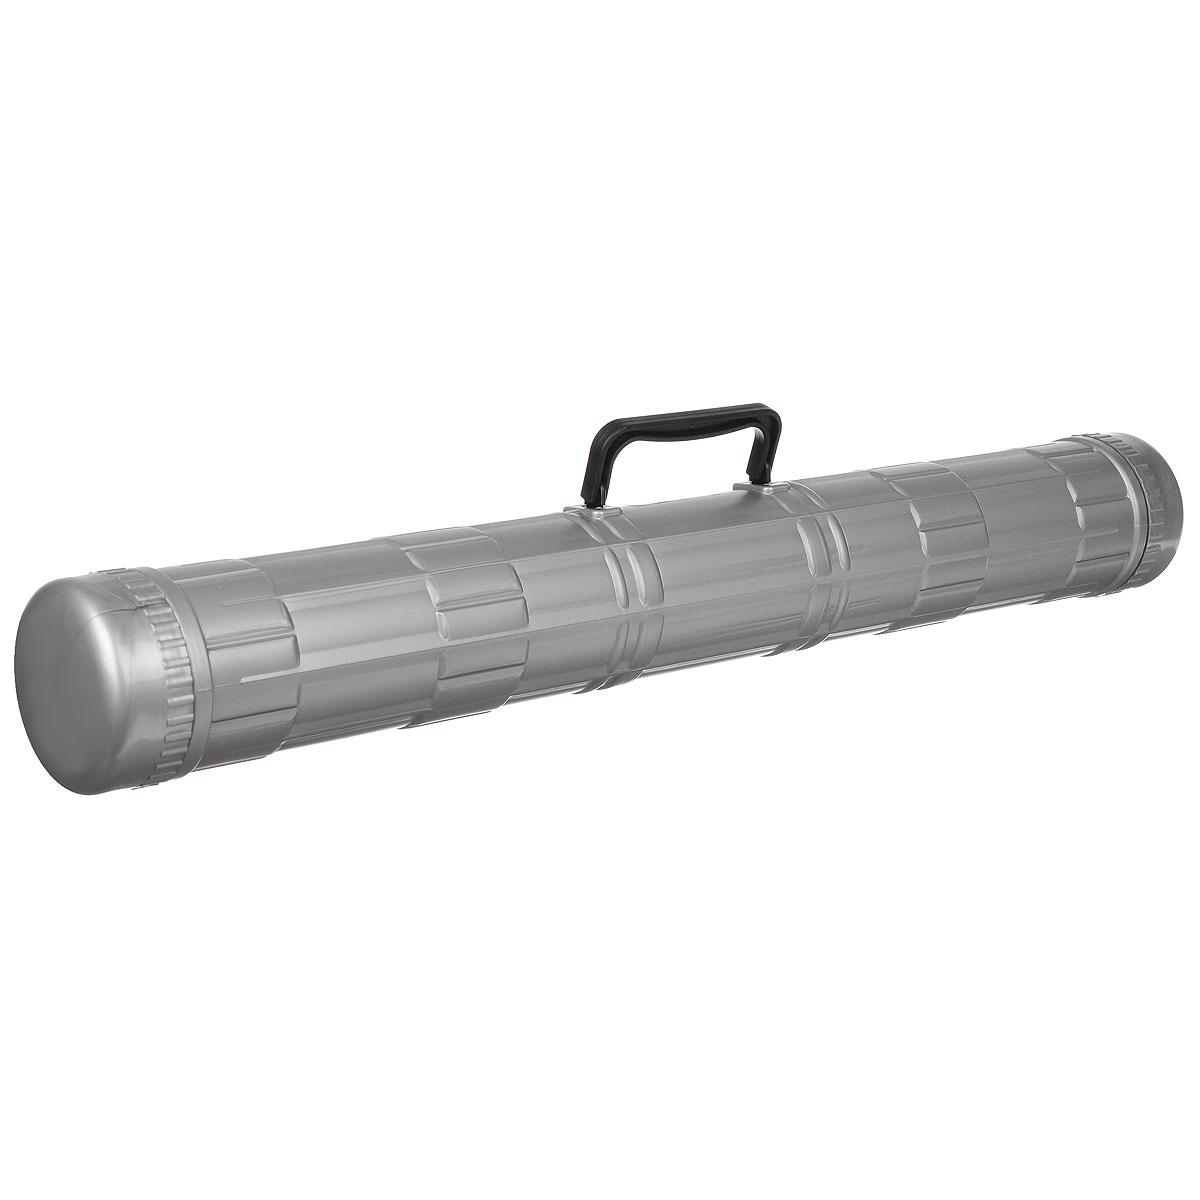 Тубус Стамм, с ручкой, цвет: серый, диаметр 9 смПТ22Стильный тубус Стамм, выполненный в современном эргономичном дизайне, идеально подойдет для хранения и транспортировки чертежей и листов формата А4-А1 (12 листов). Тубус оснащен удобной пластиковой ручкой для переноски и надежными закручивающими боковыми крышечками, обеспечивающими быстрый доступ к чертежам и рисункам. Современный тубус будет незаменим для студентов и офисных работников. Диаметр тубуса: 9 см. Длина тубуса: 68 см.